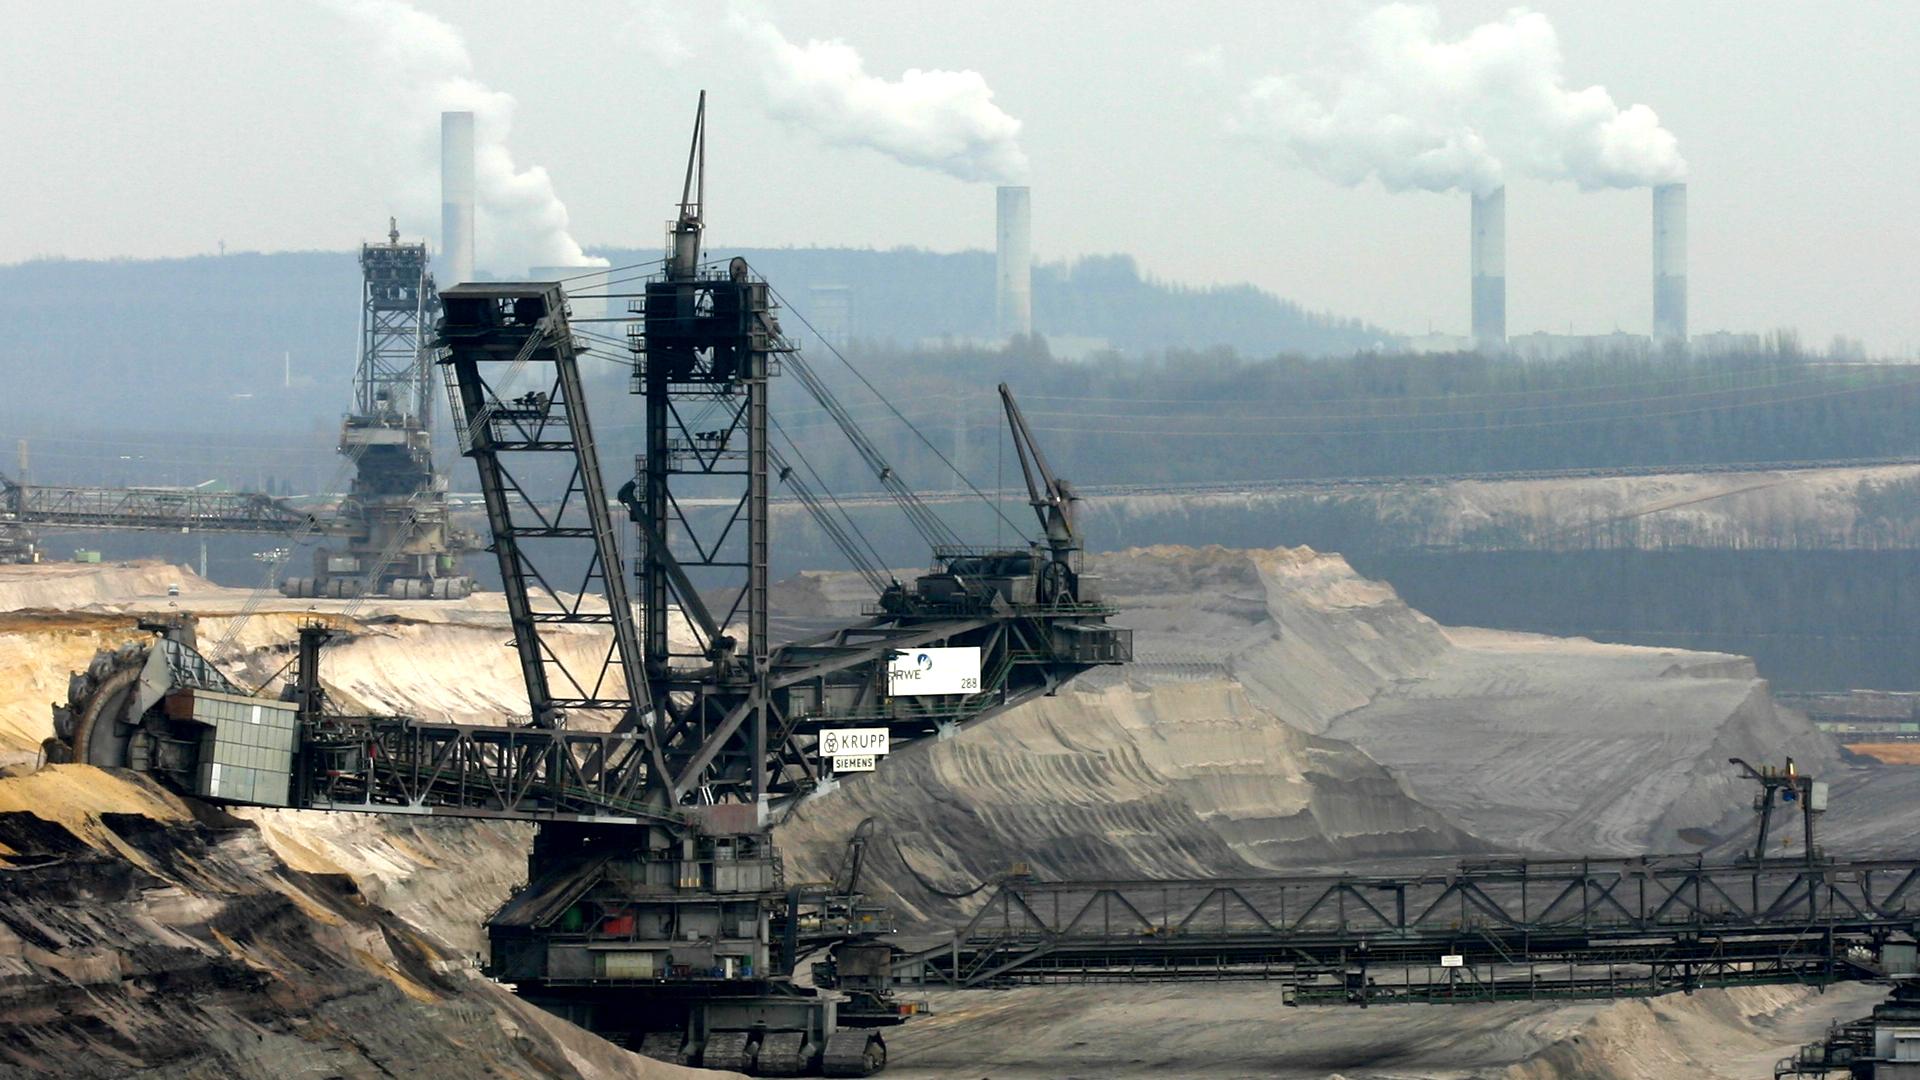 Braunkohle-Leitentscheidung ist Dokument klimaschutzpolitischer Unglaubwürdigkeit